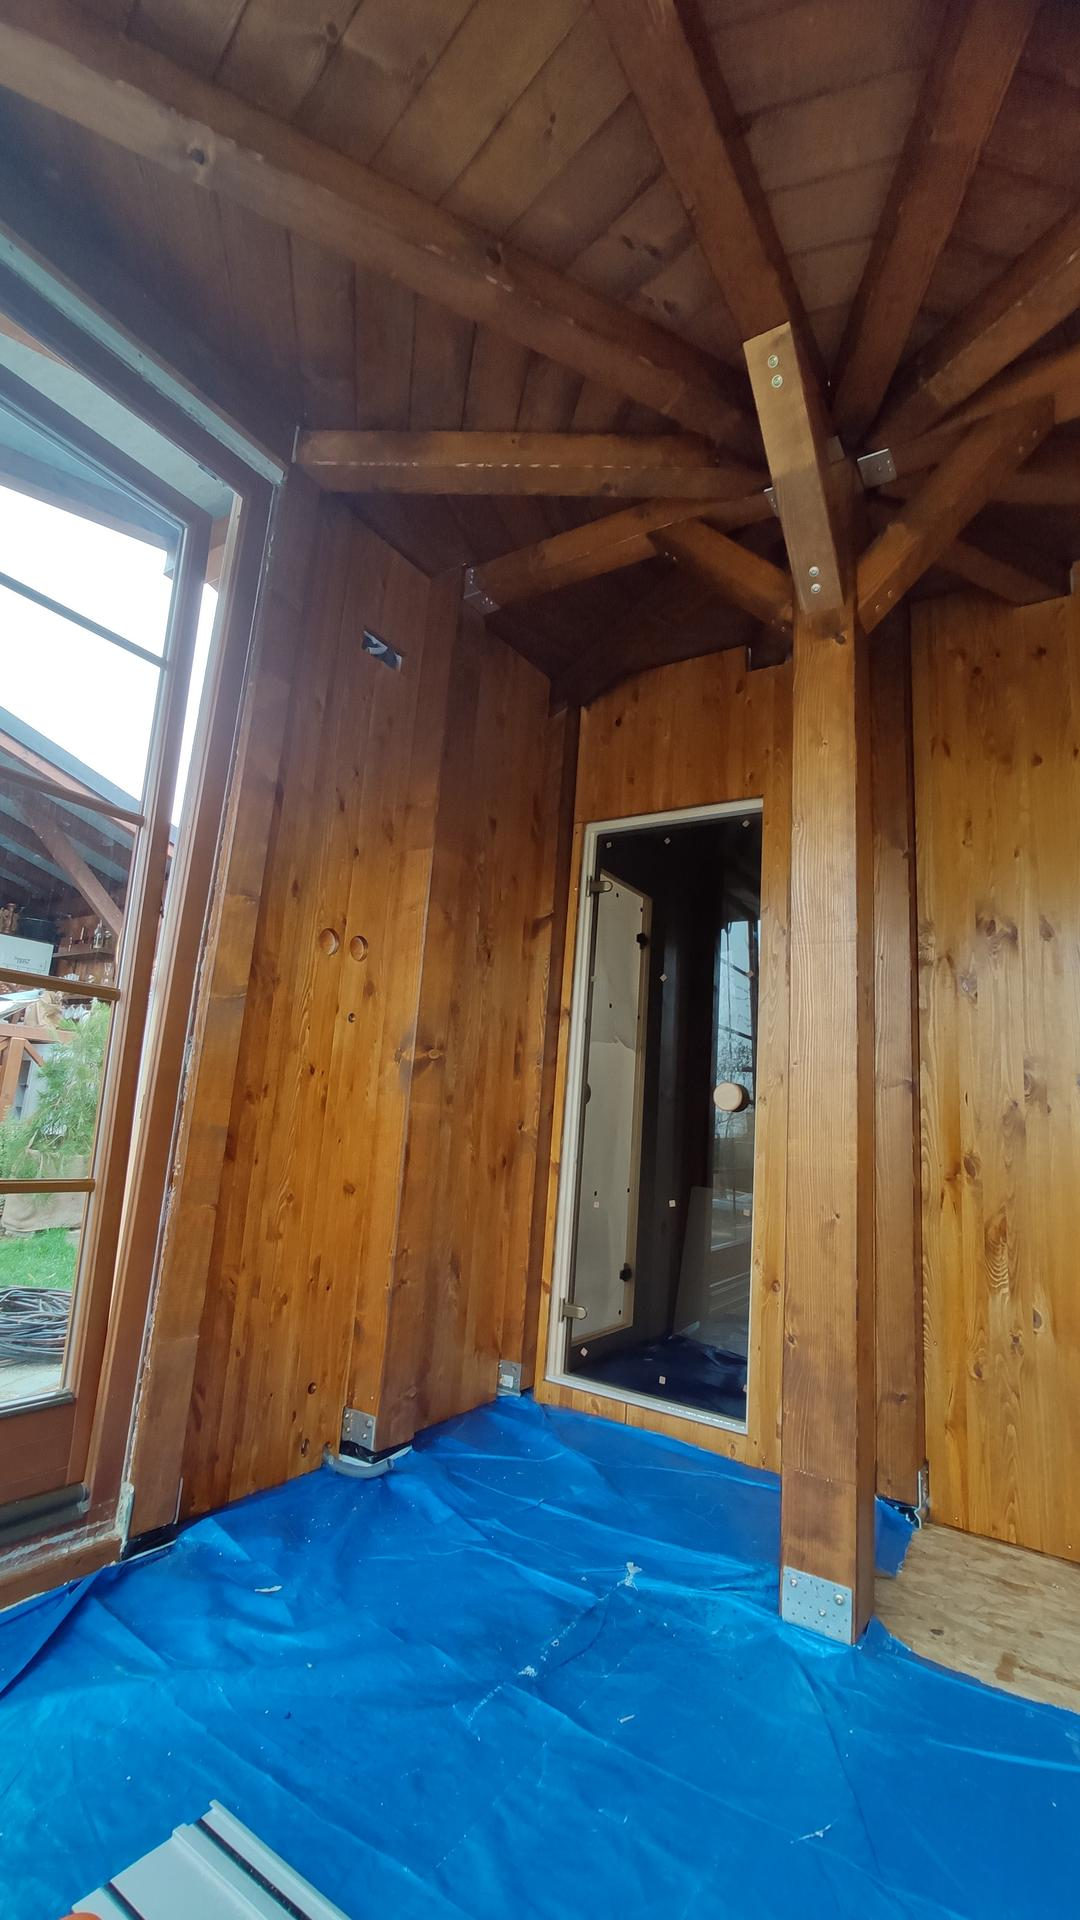 Relaxačný domček sauna a oddychová miestnosť ... plány, príprava a realizácia - Obrázok č. 100